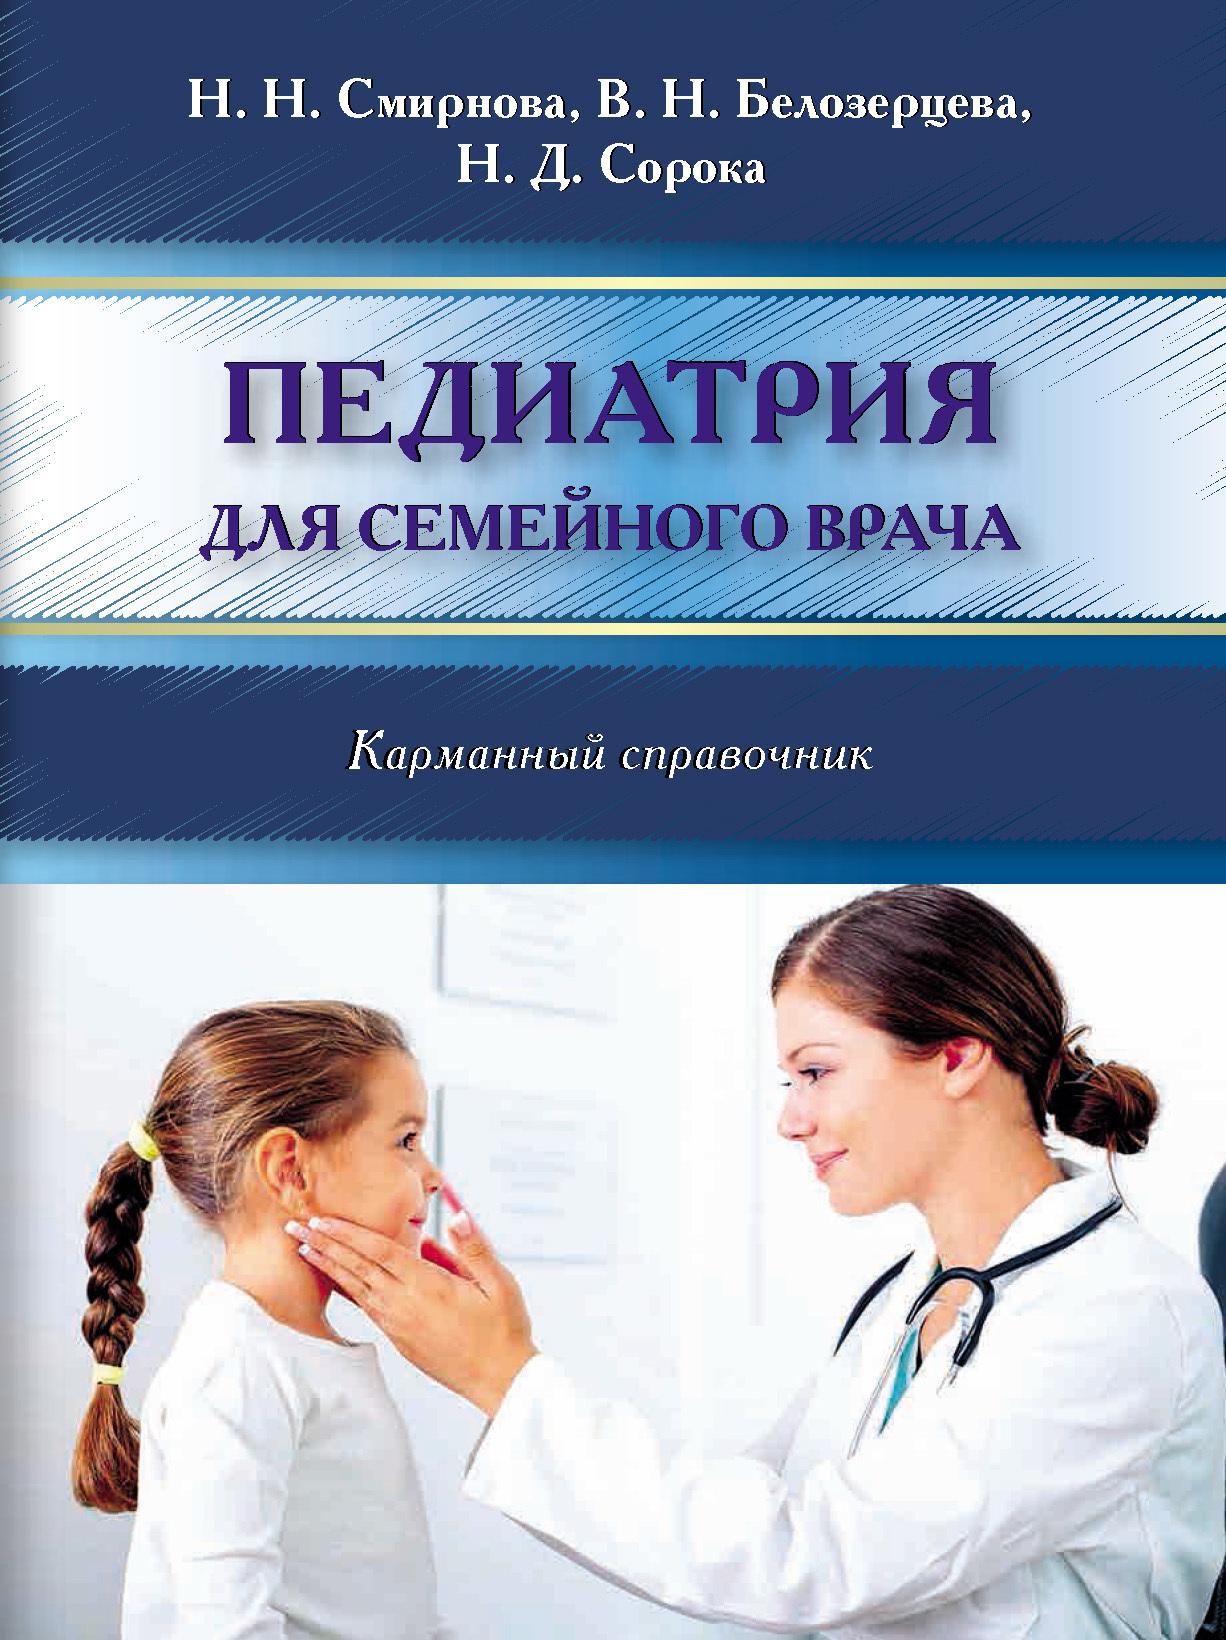 Наталия Смирнова Педиатрия для семейного врача. Карманный справочник ISBN: 978-5-299-00916-3 из опыта семейного врача